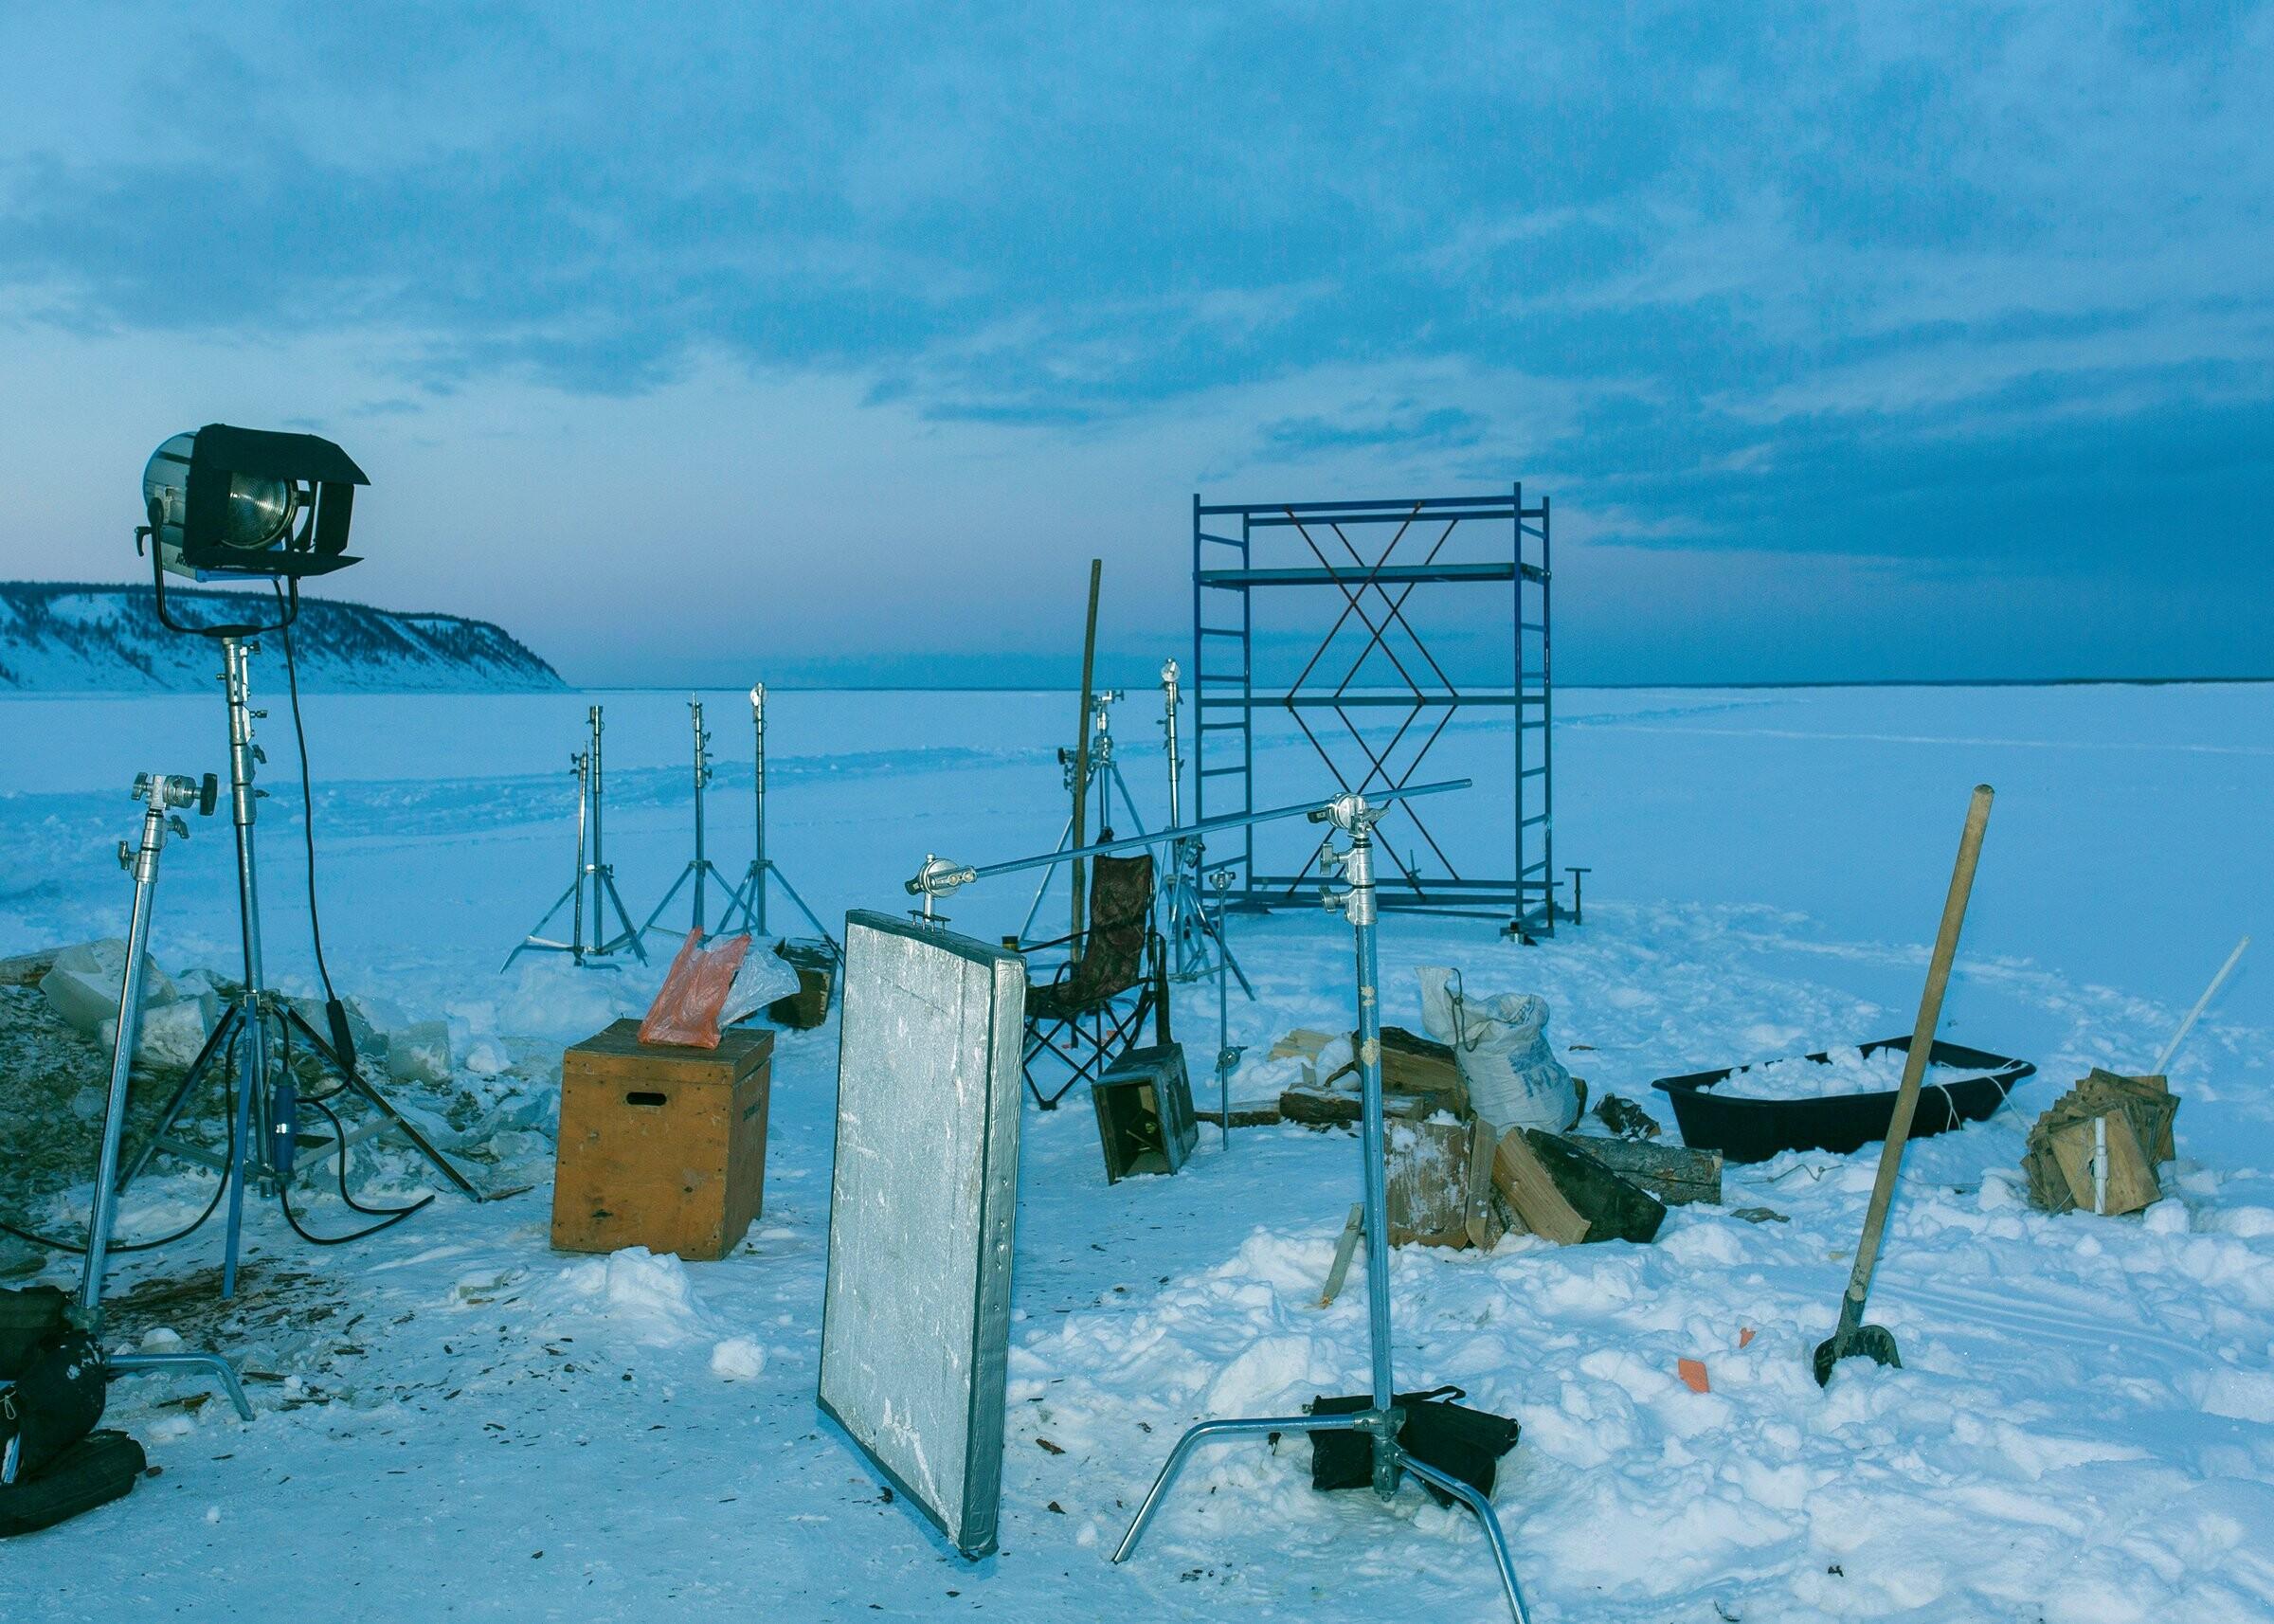 Съёмки фильма «Чёрный снег» на реке Лена. Фотограф Алексей Васильев